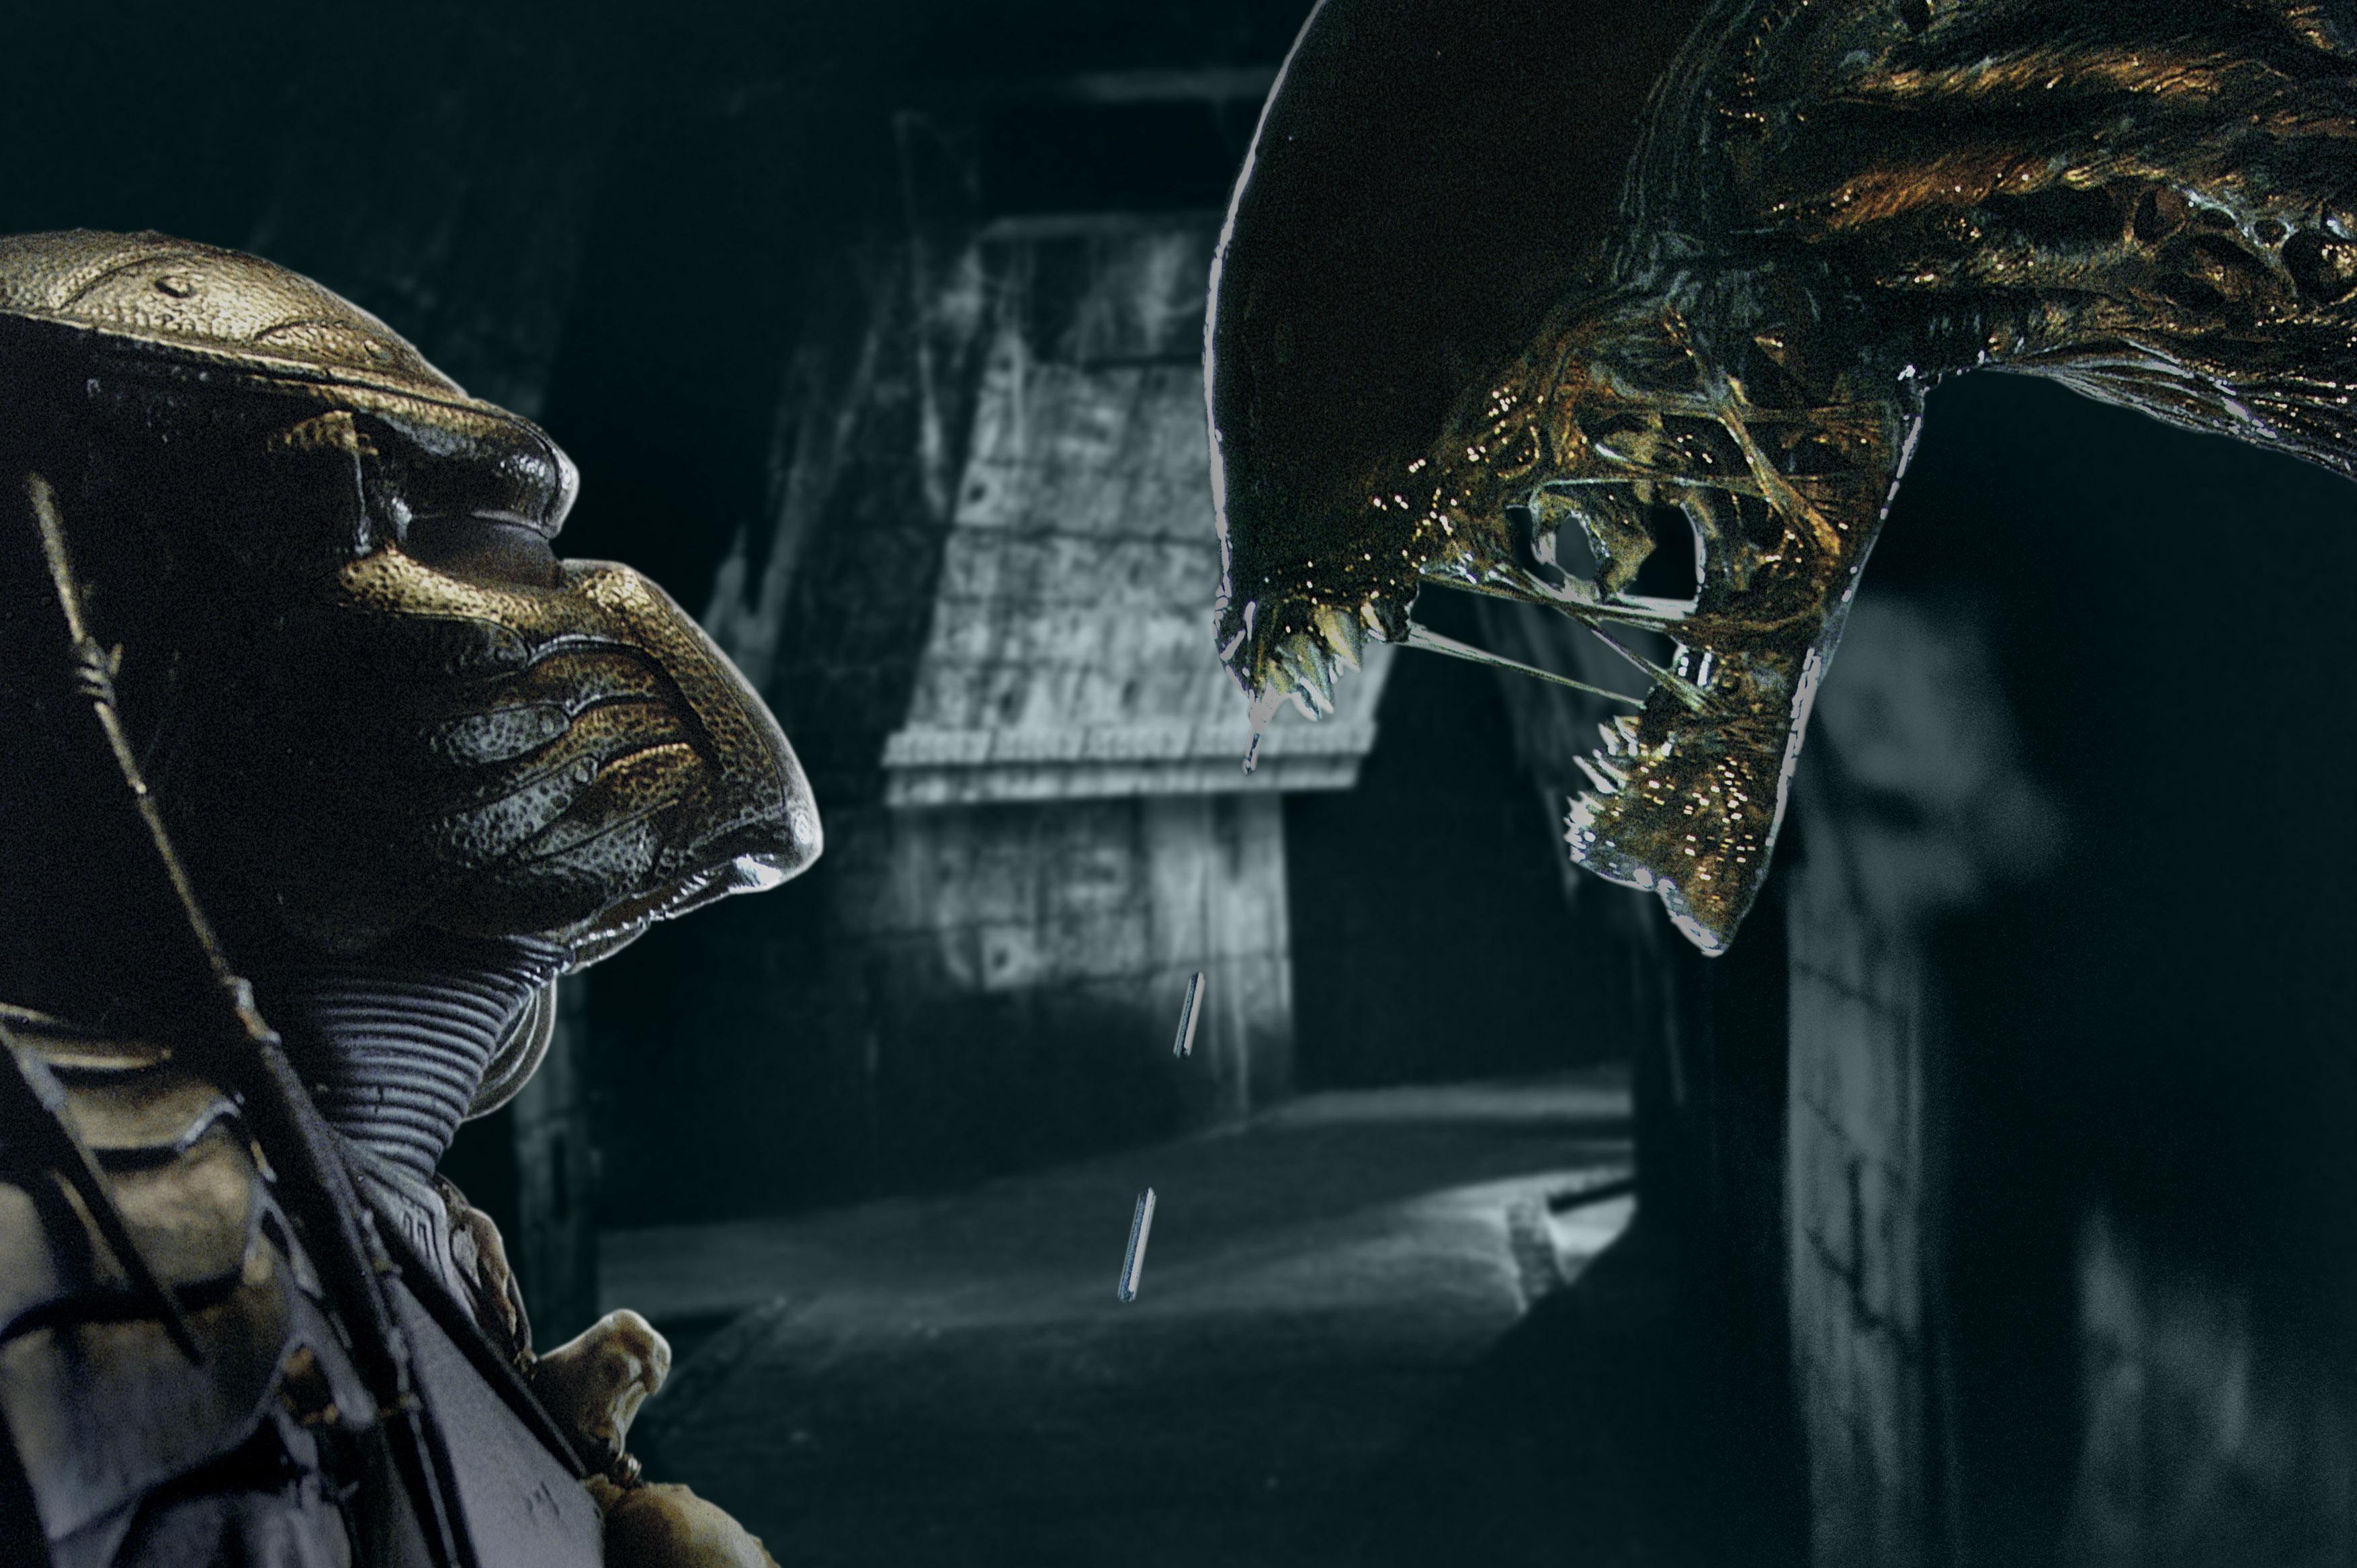 La pelea entre Alien y Depredador fue un éxito entre el público.